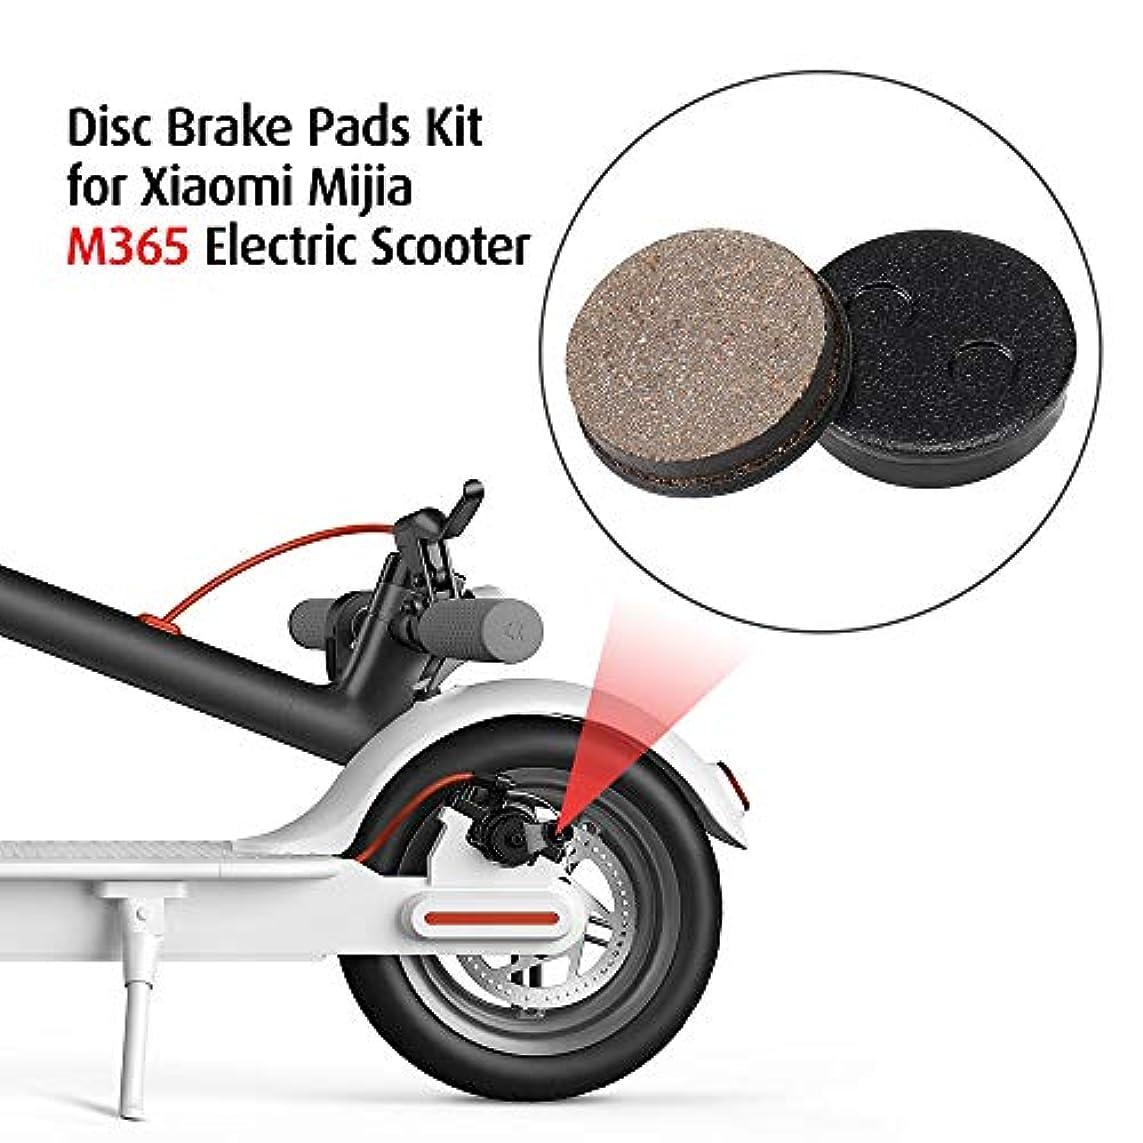 ガイドライン用心するテストRakuby スケートボードリアディスクブレーキアクセサリー ブレーキパッドキット M365電動スクーター 用 交換パーツ